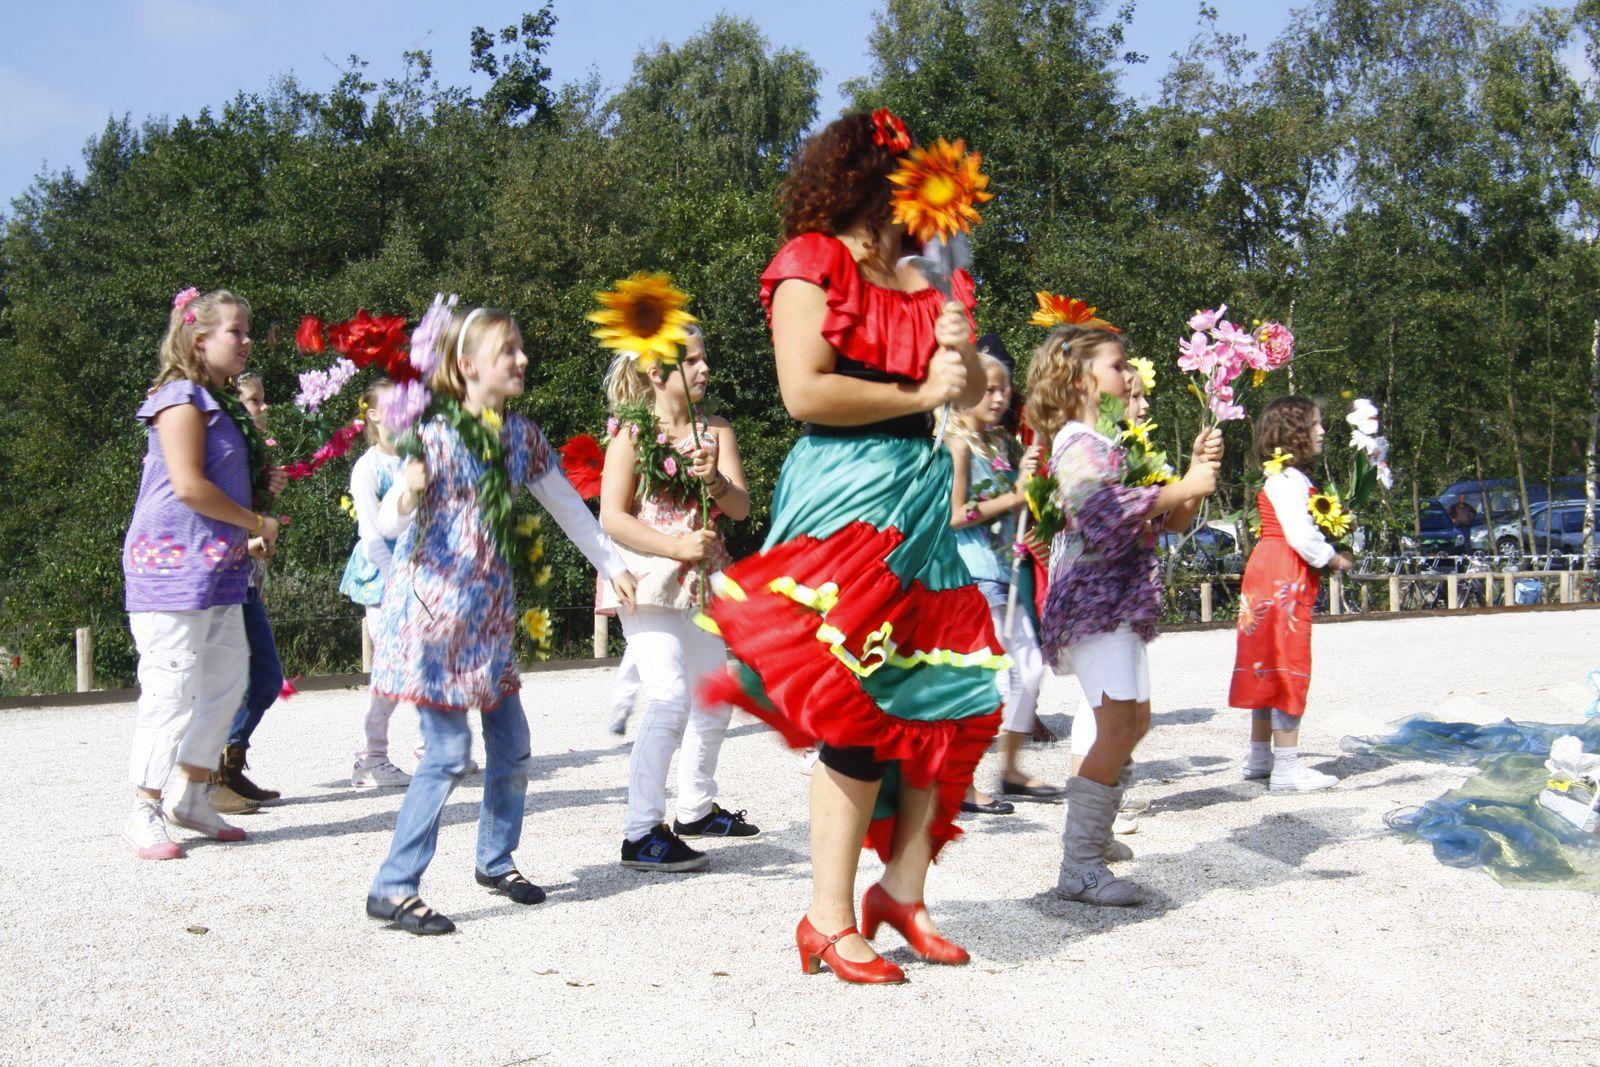 Dansen-is-een-feest